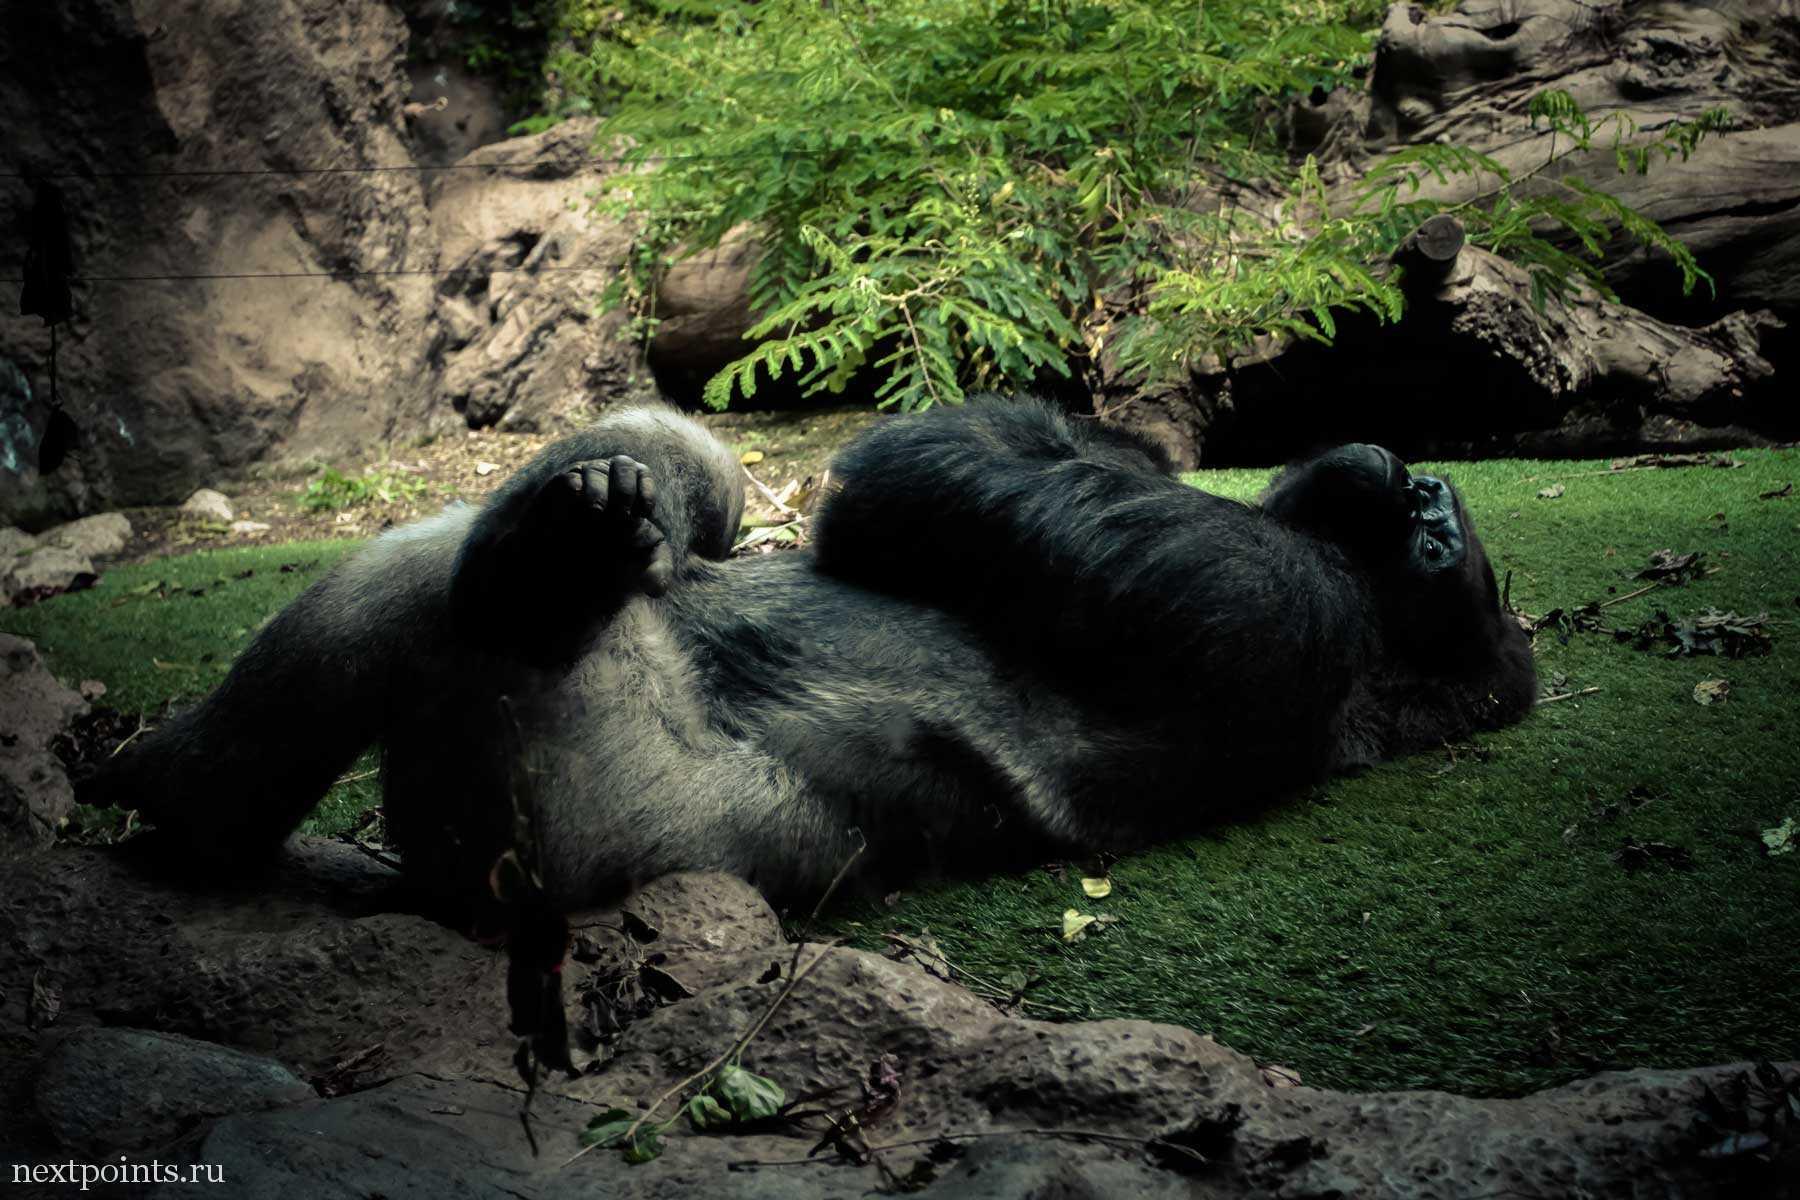 Отдыхающая горилла в Лоро Парке (Loro Park)